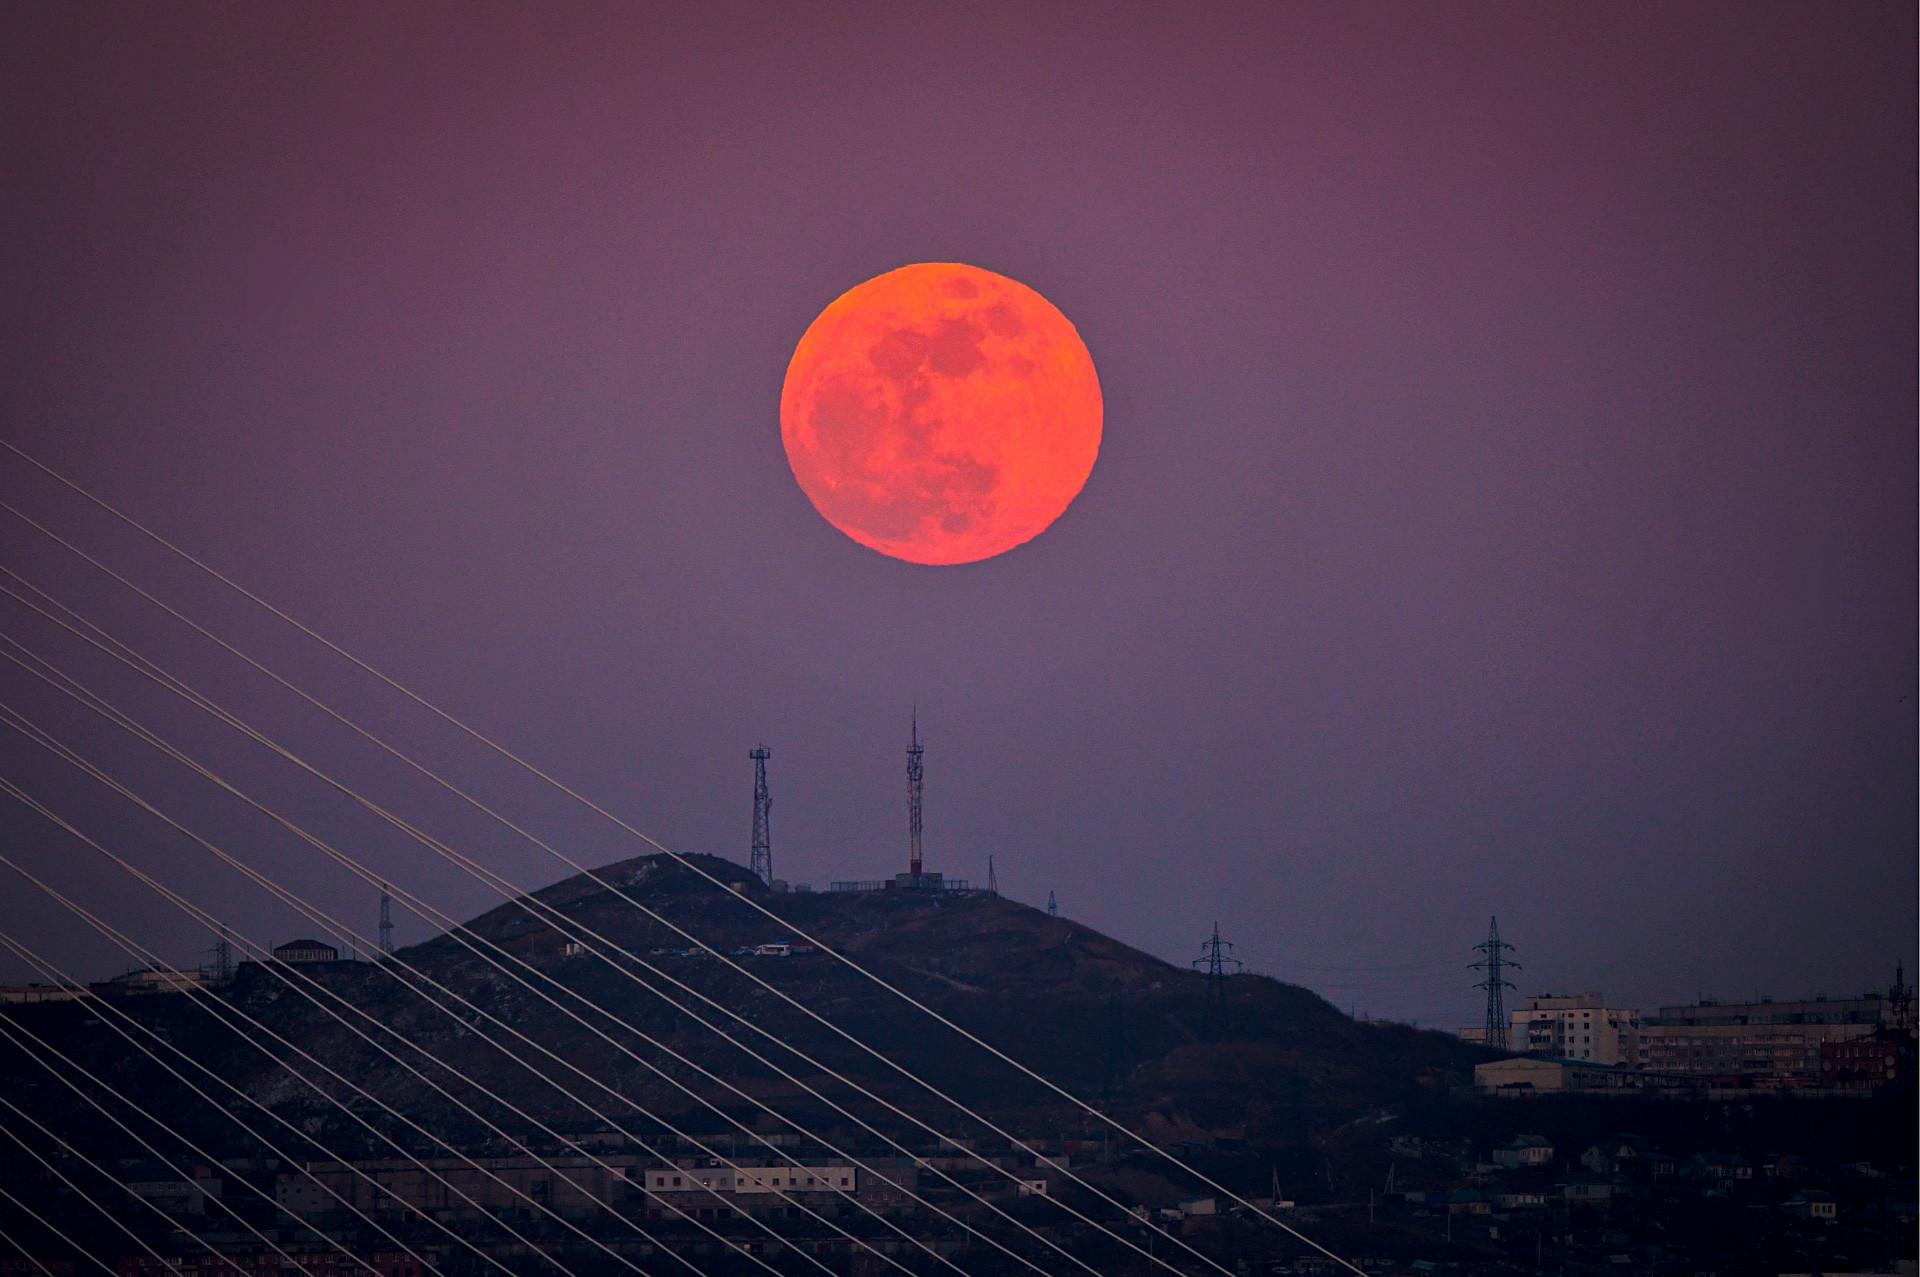 Крвави пун месец излази изнад брда у Владивостоку на далеком истоку Русије док се истовремено дешавају плави месец, супермесец и потпуно помрачење месеца.